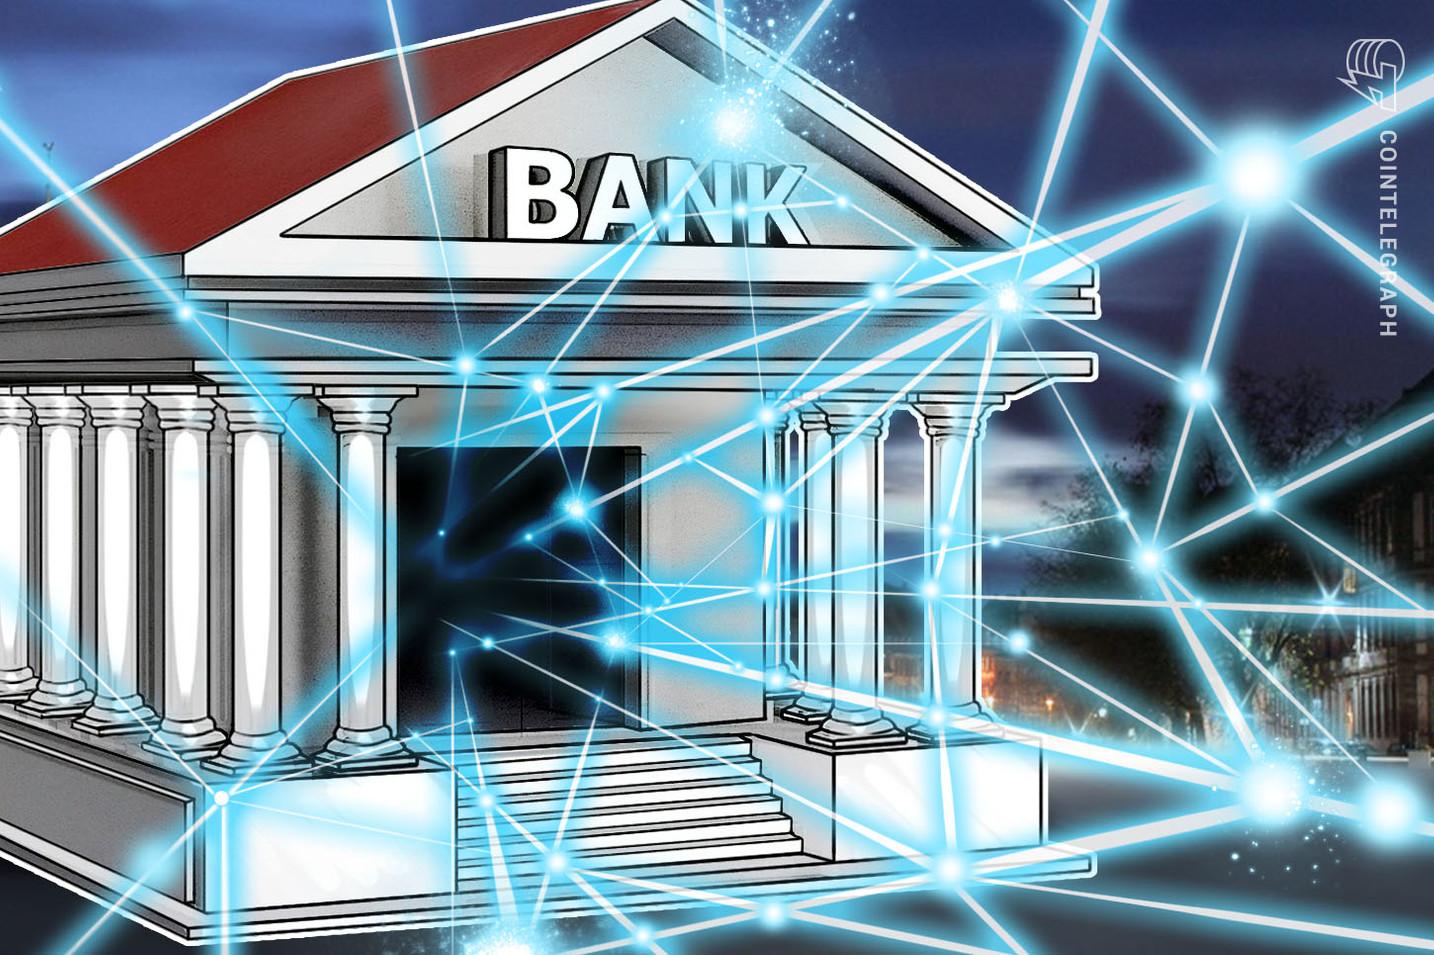 La Reserve Bank of Zimbabwe studierà come implementare la tecnologia blockchain